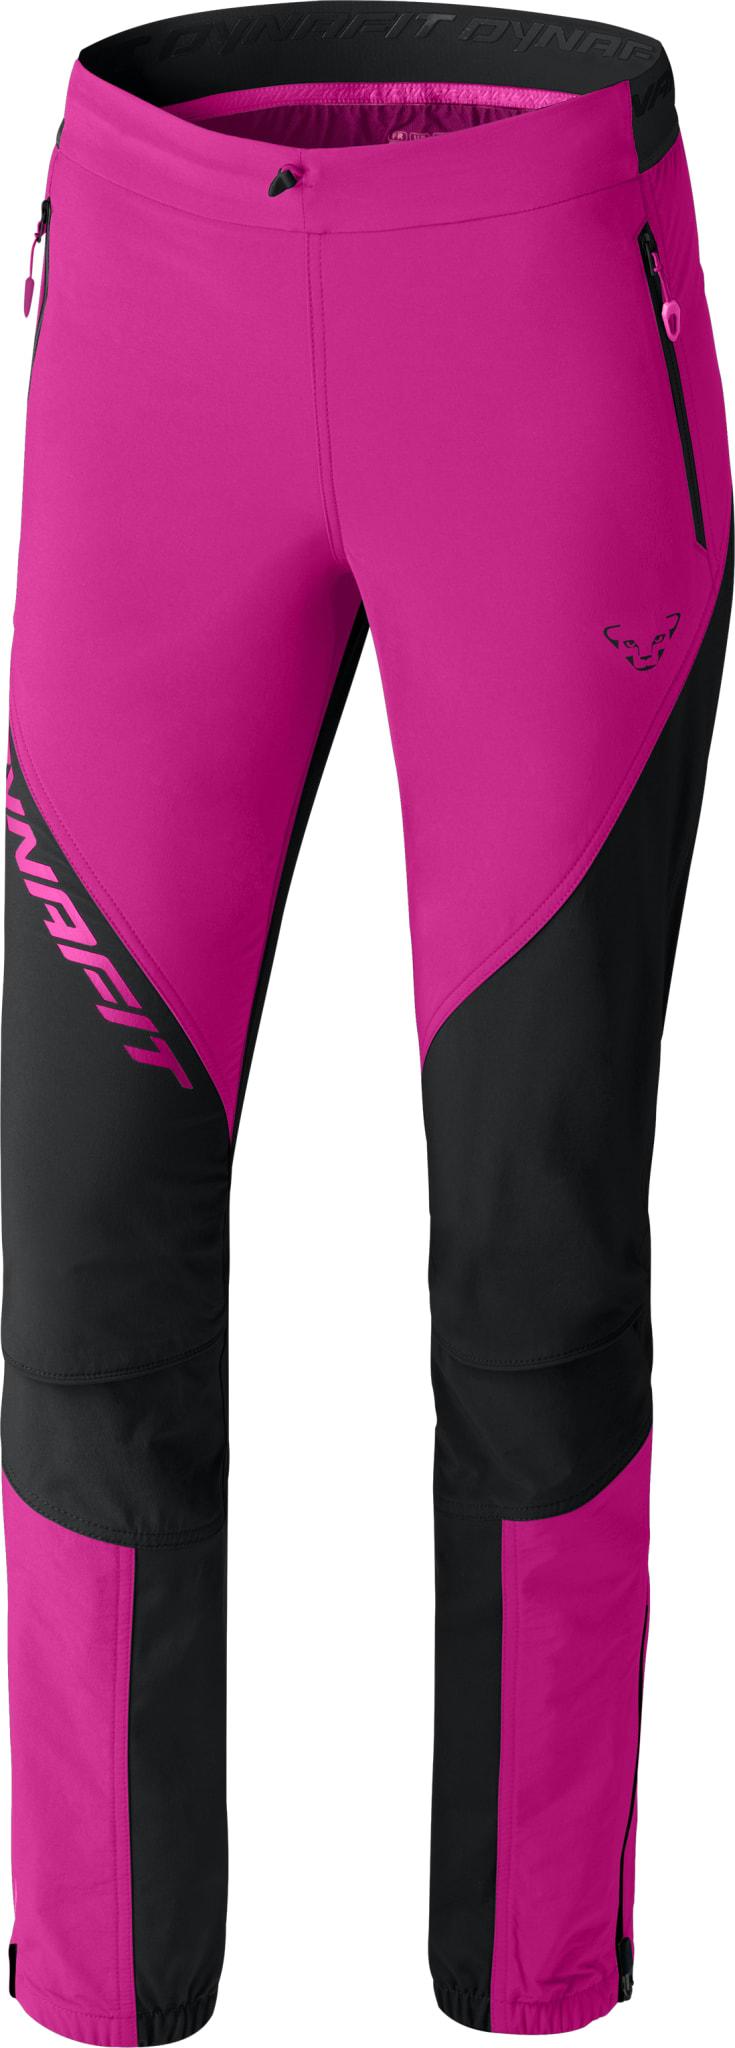 Lett bukse for raske treningsturer på ski